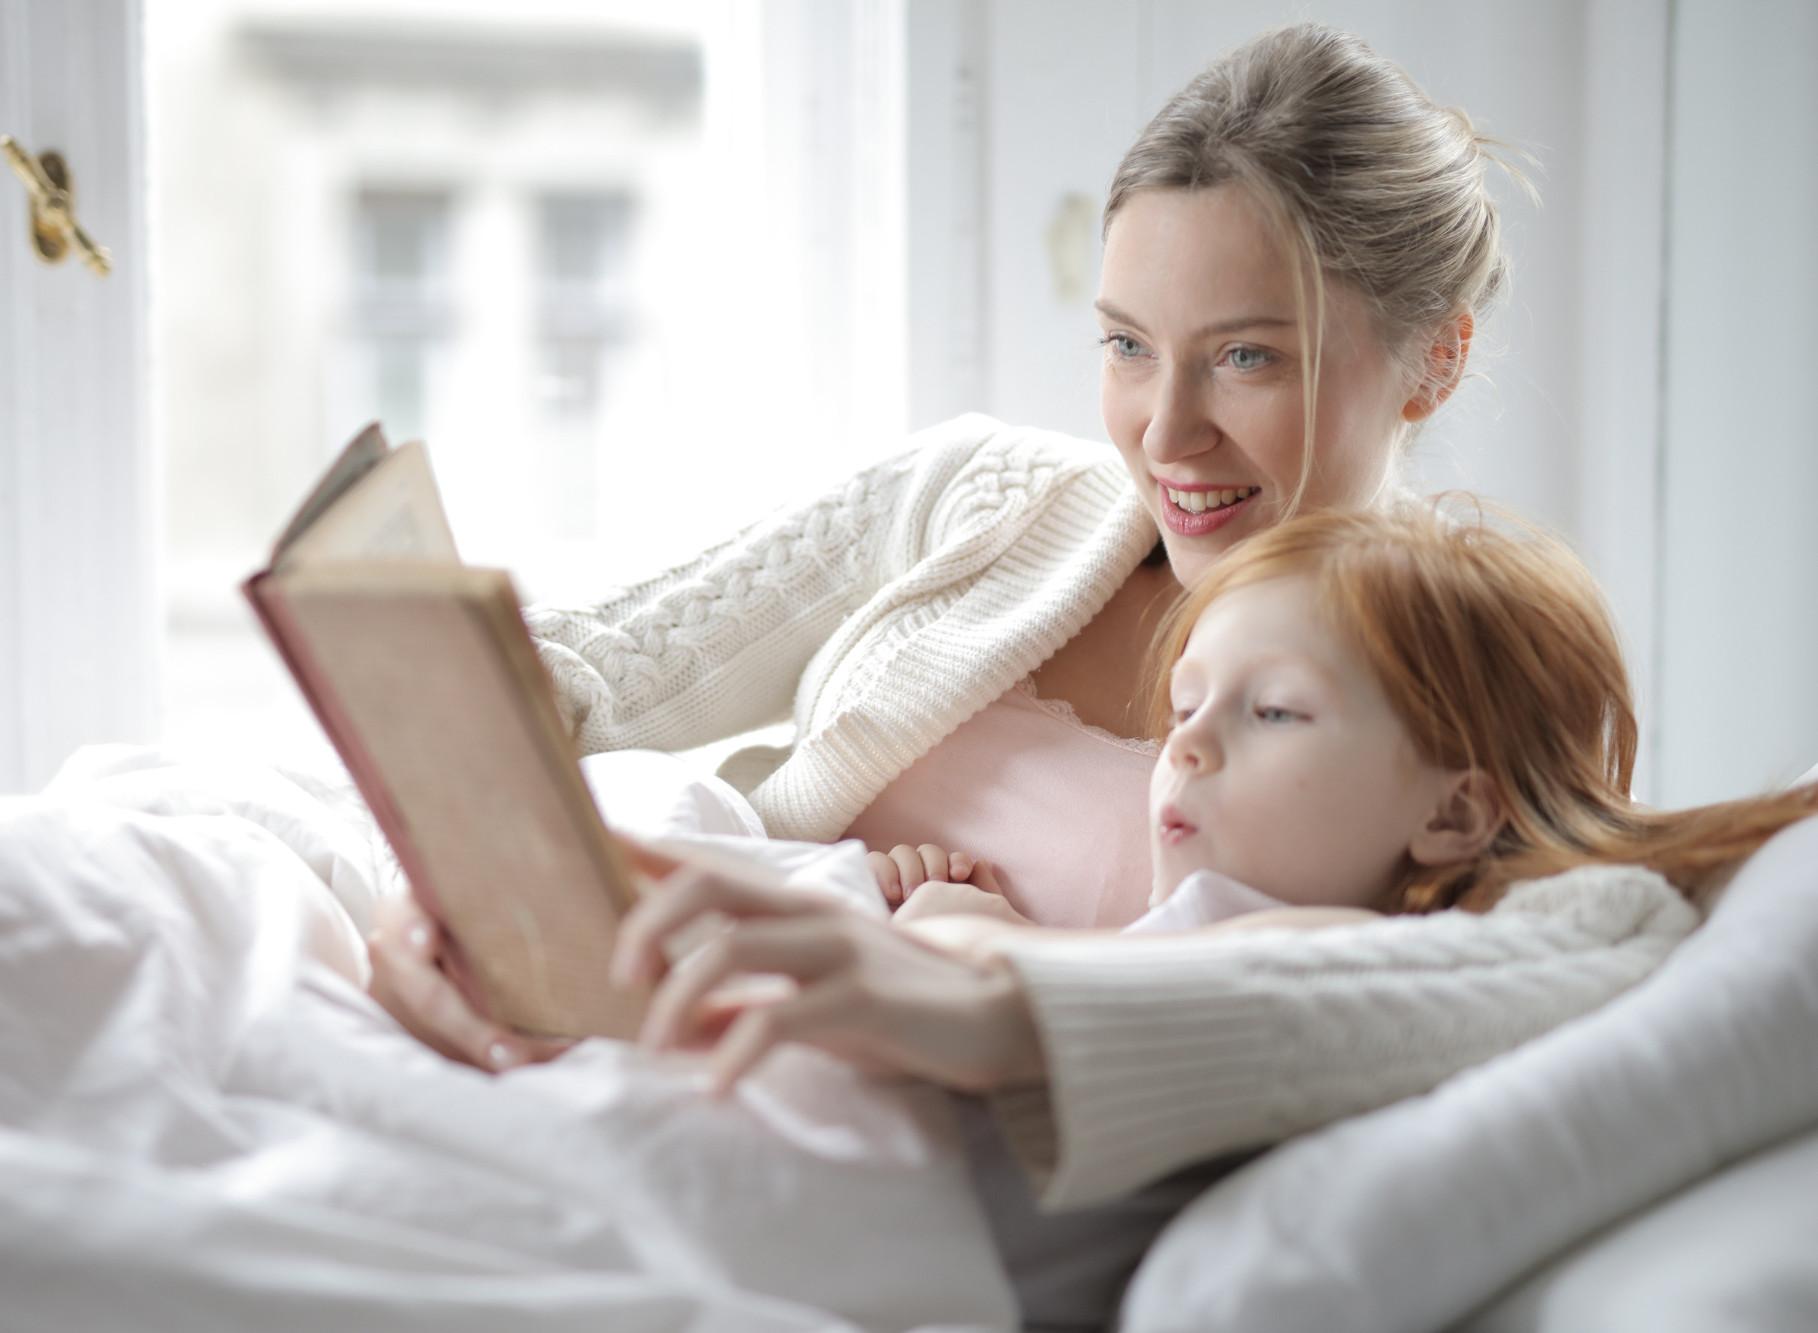 mulher segurando livro para uma criança que está lendo